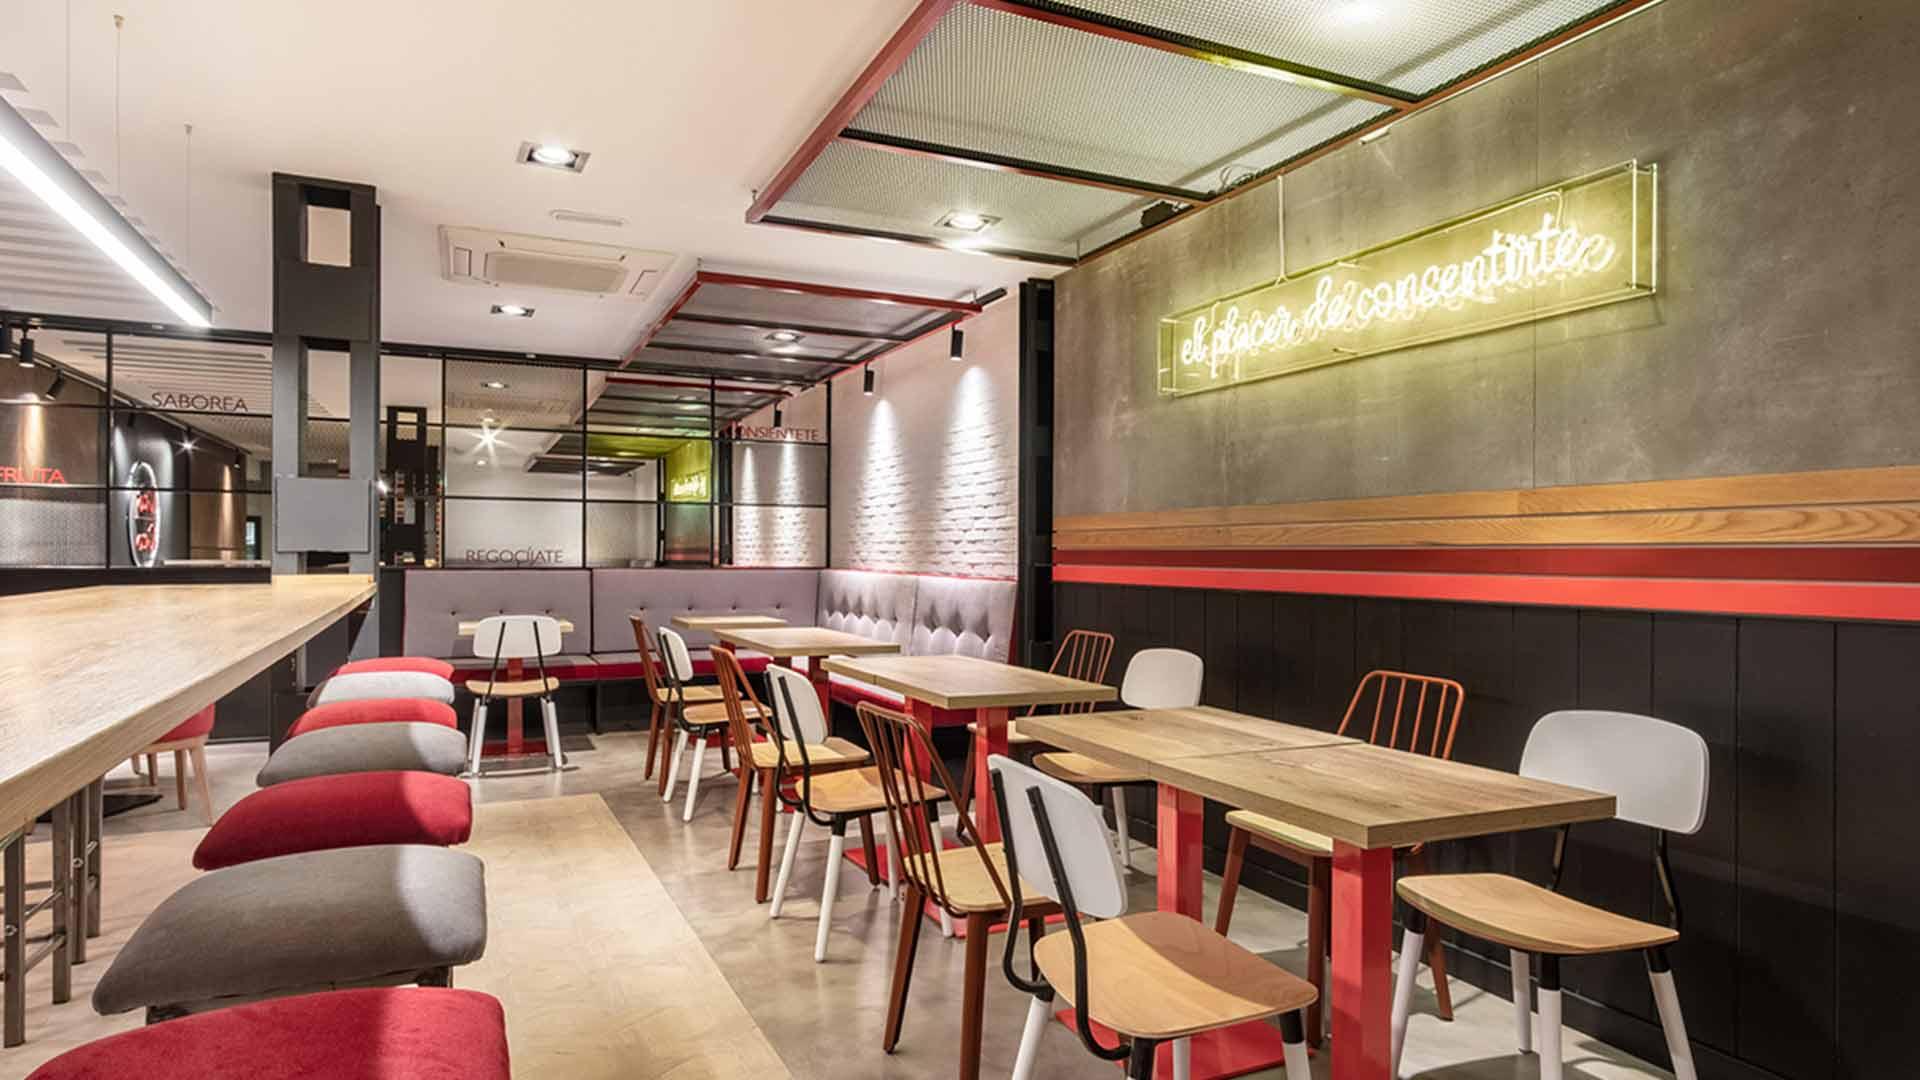 portada-reforma-integral-restaurante-crocro